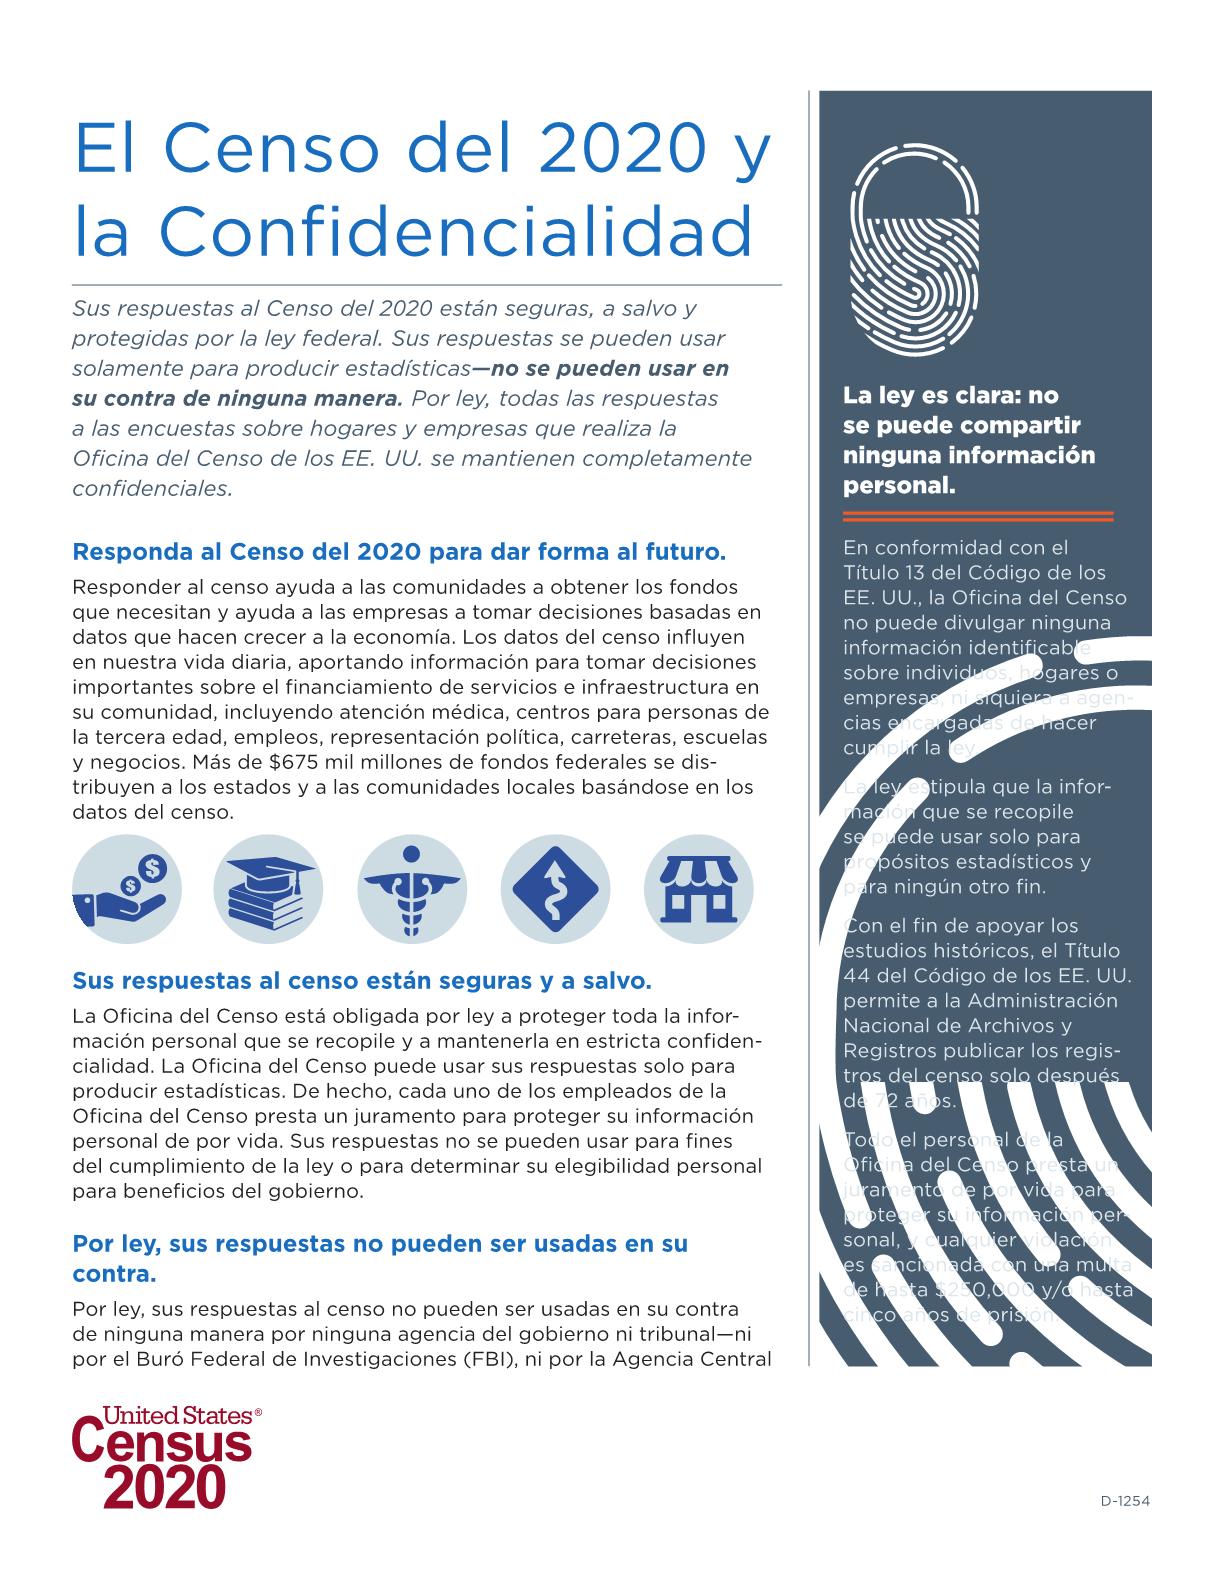 El Censo del 2020 y la Confidencialidad